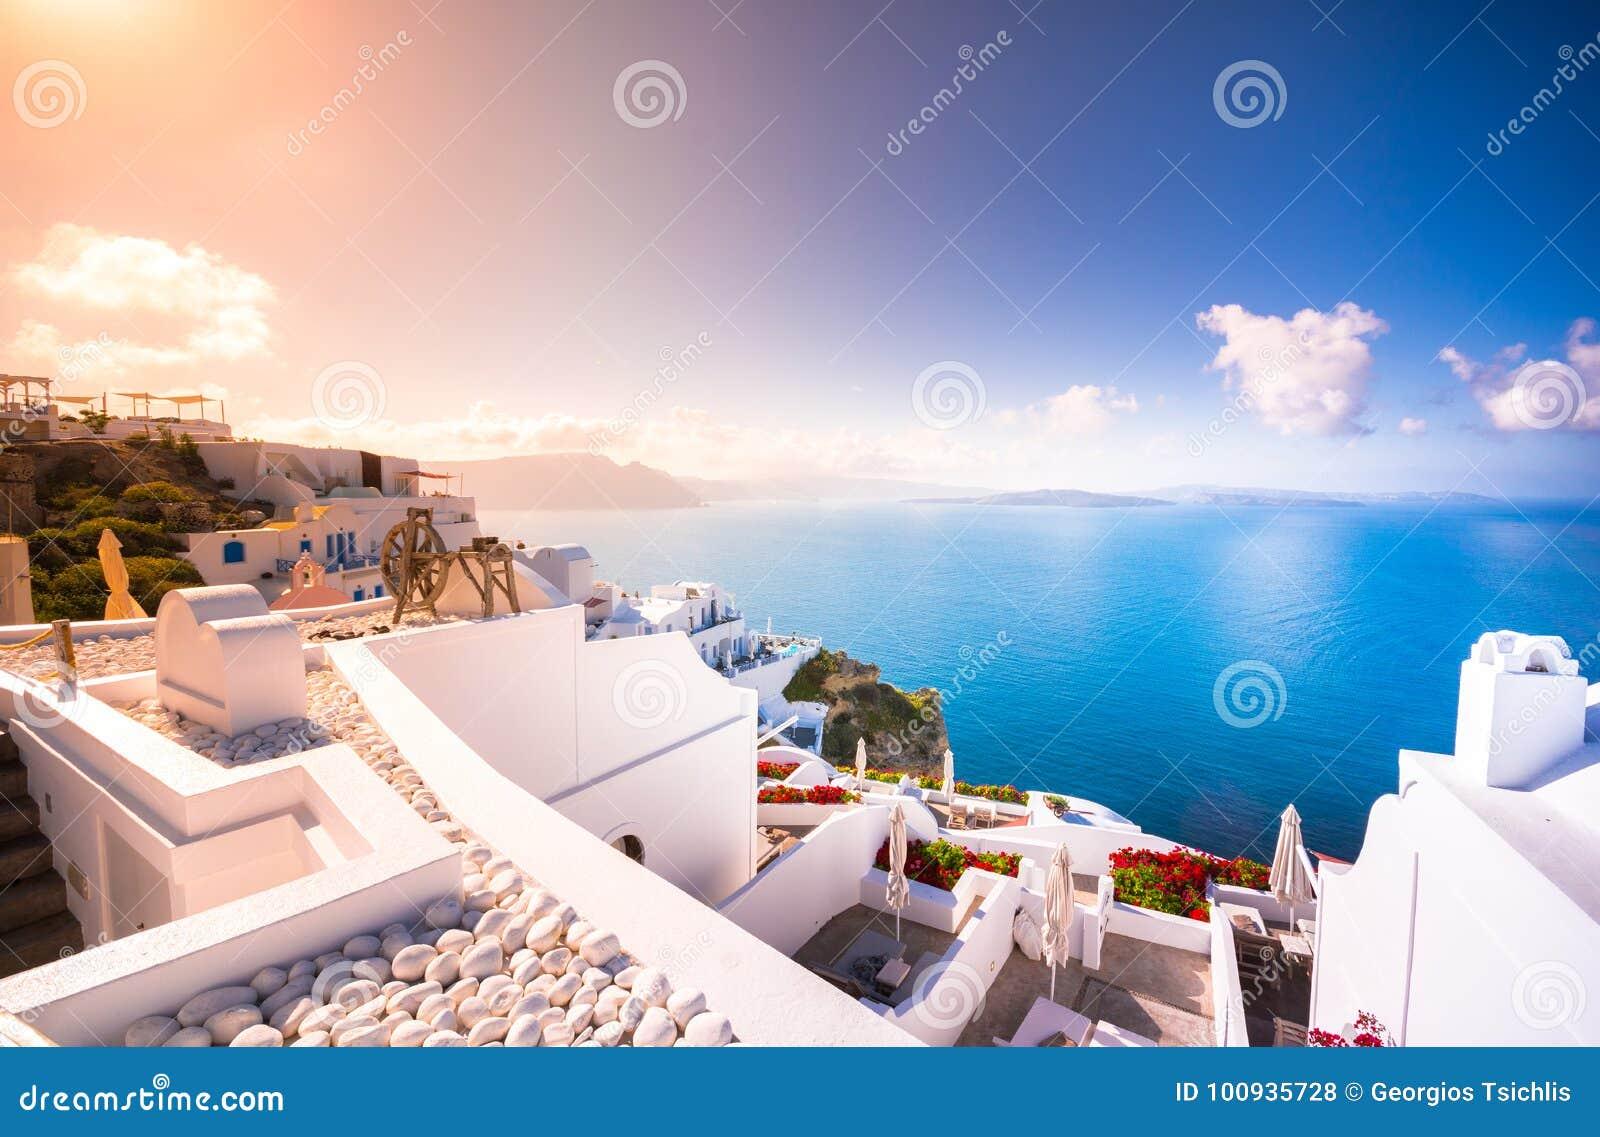 Oia stad på den Santorini ön, Grekland Traditionella och berömda hus och kyrkor med blåa kupoler över calderaen, Aegean hav